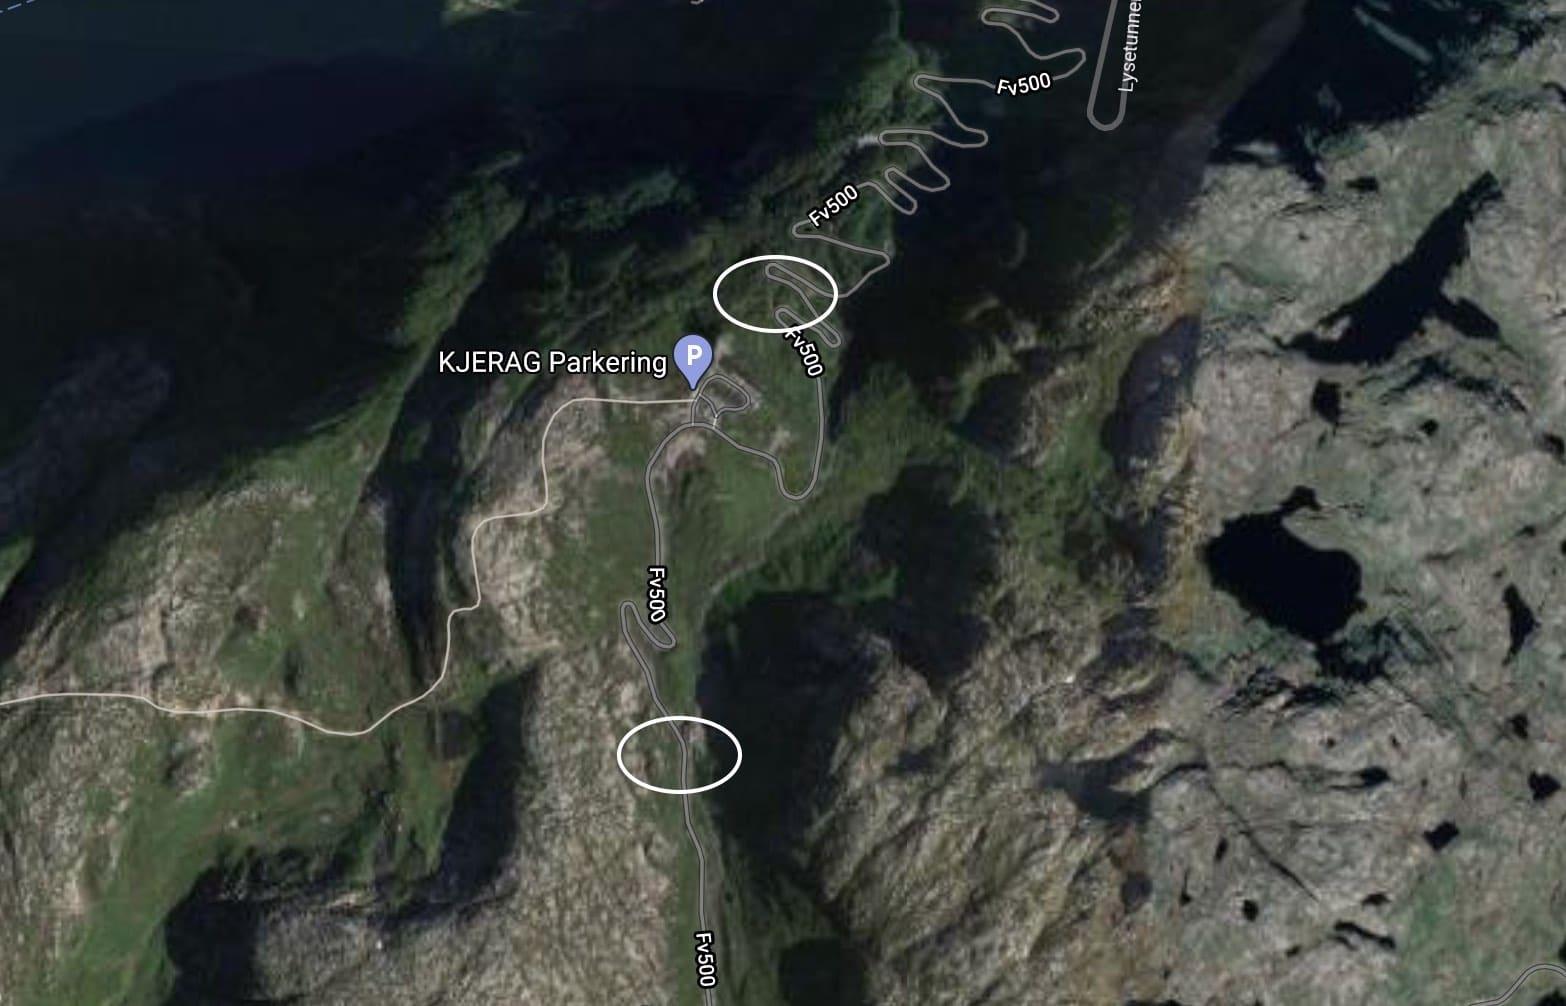 Los dos puntos de parking gratuito en Kjerag